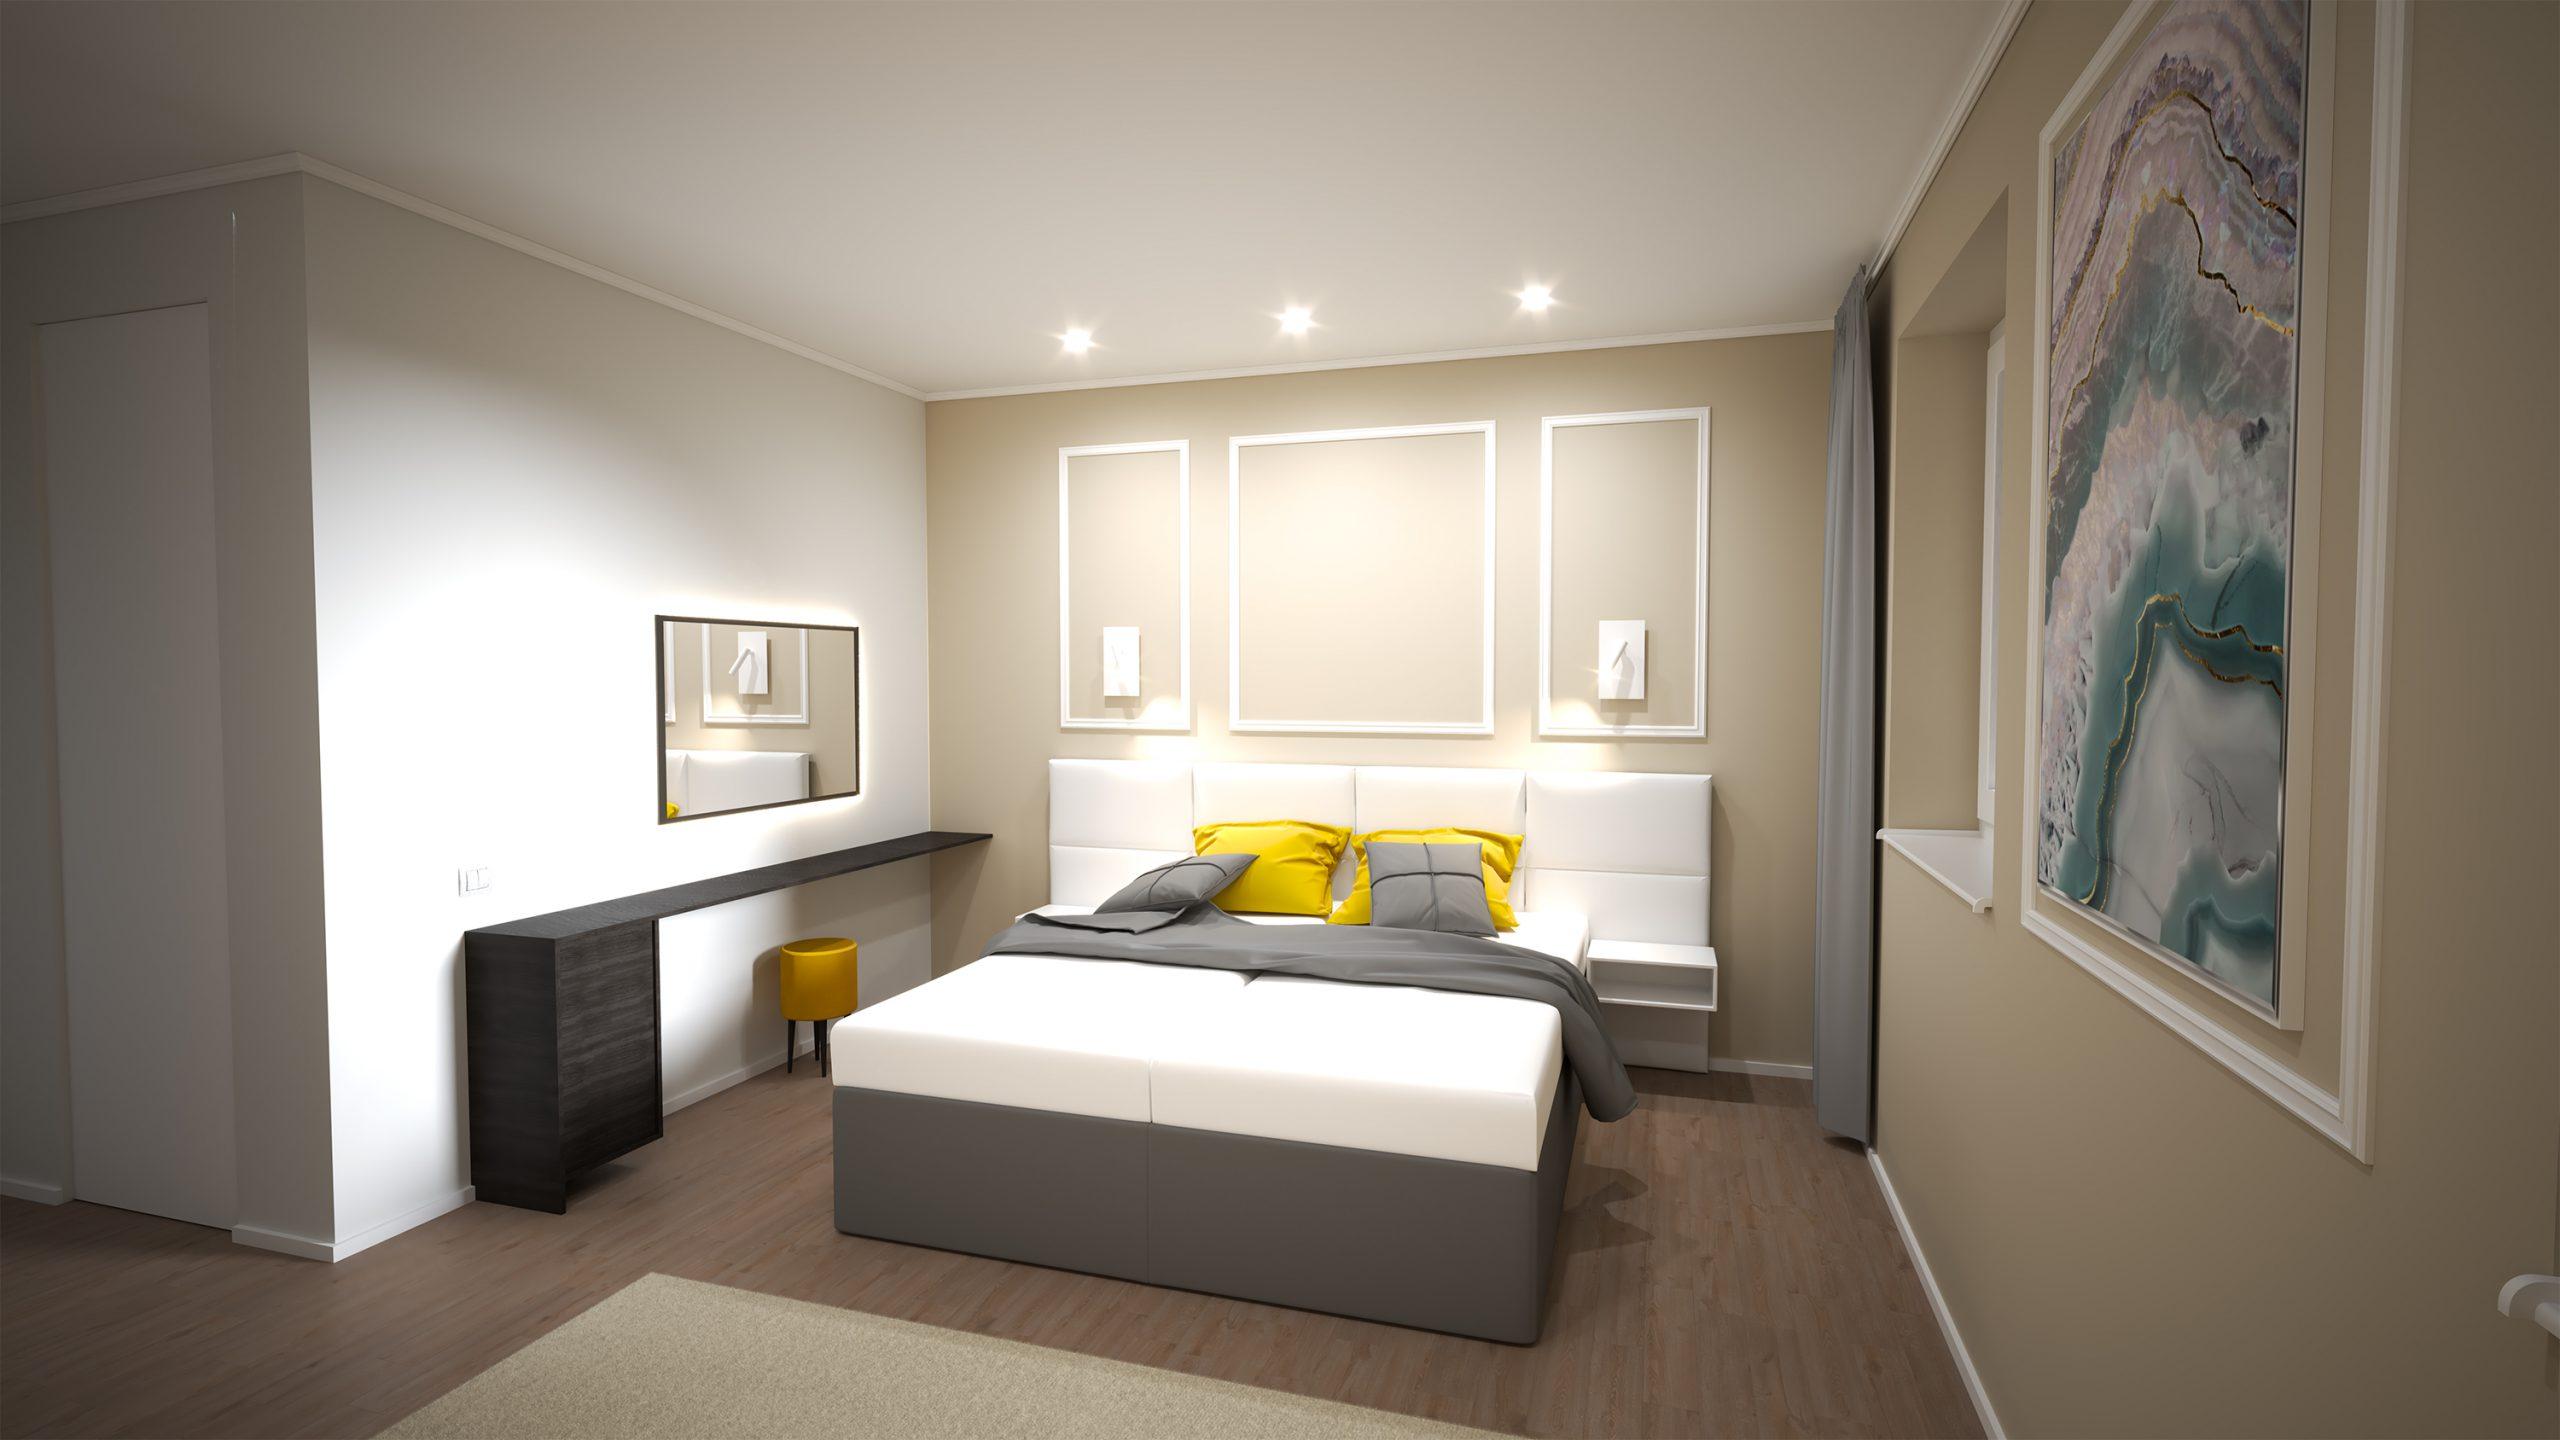 1 Návrh interiéru pre Hotel - Trenčianske Teplice